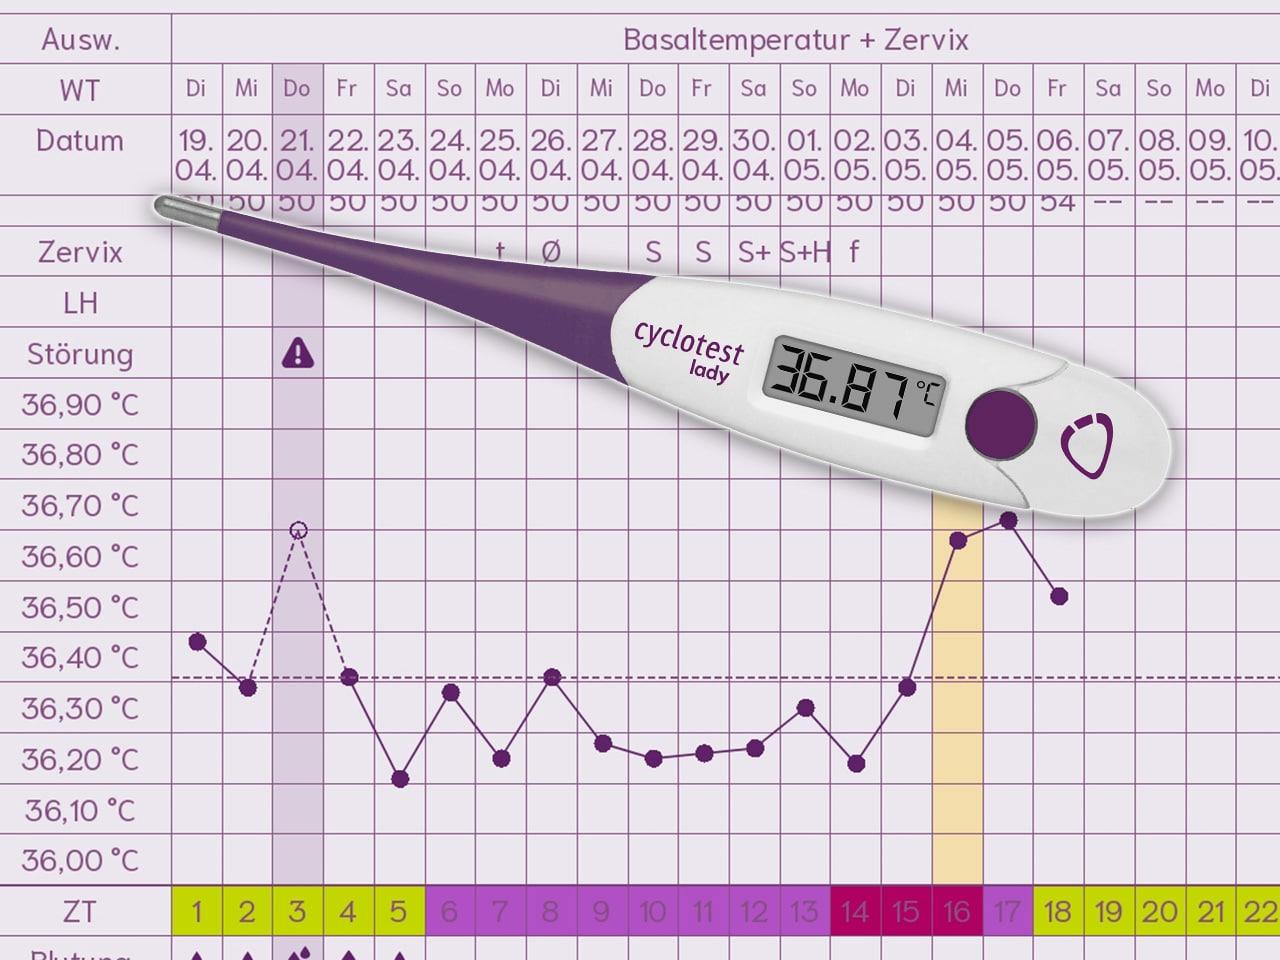 Natürliche Verhütung ist eine gesunde Alternative zu hormonellen Verhütungsmitteln.